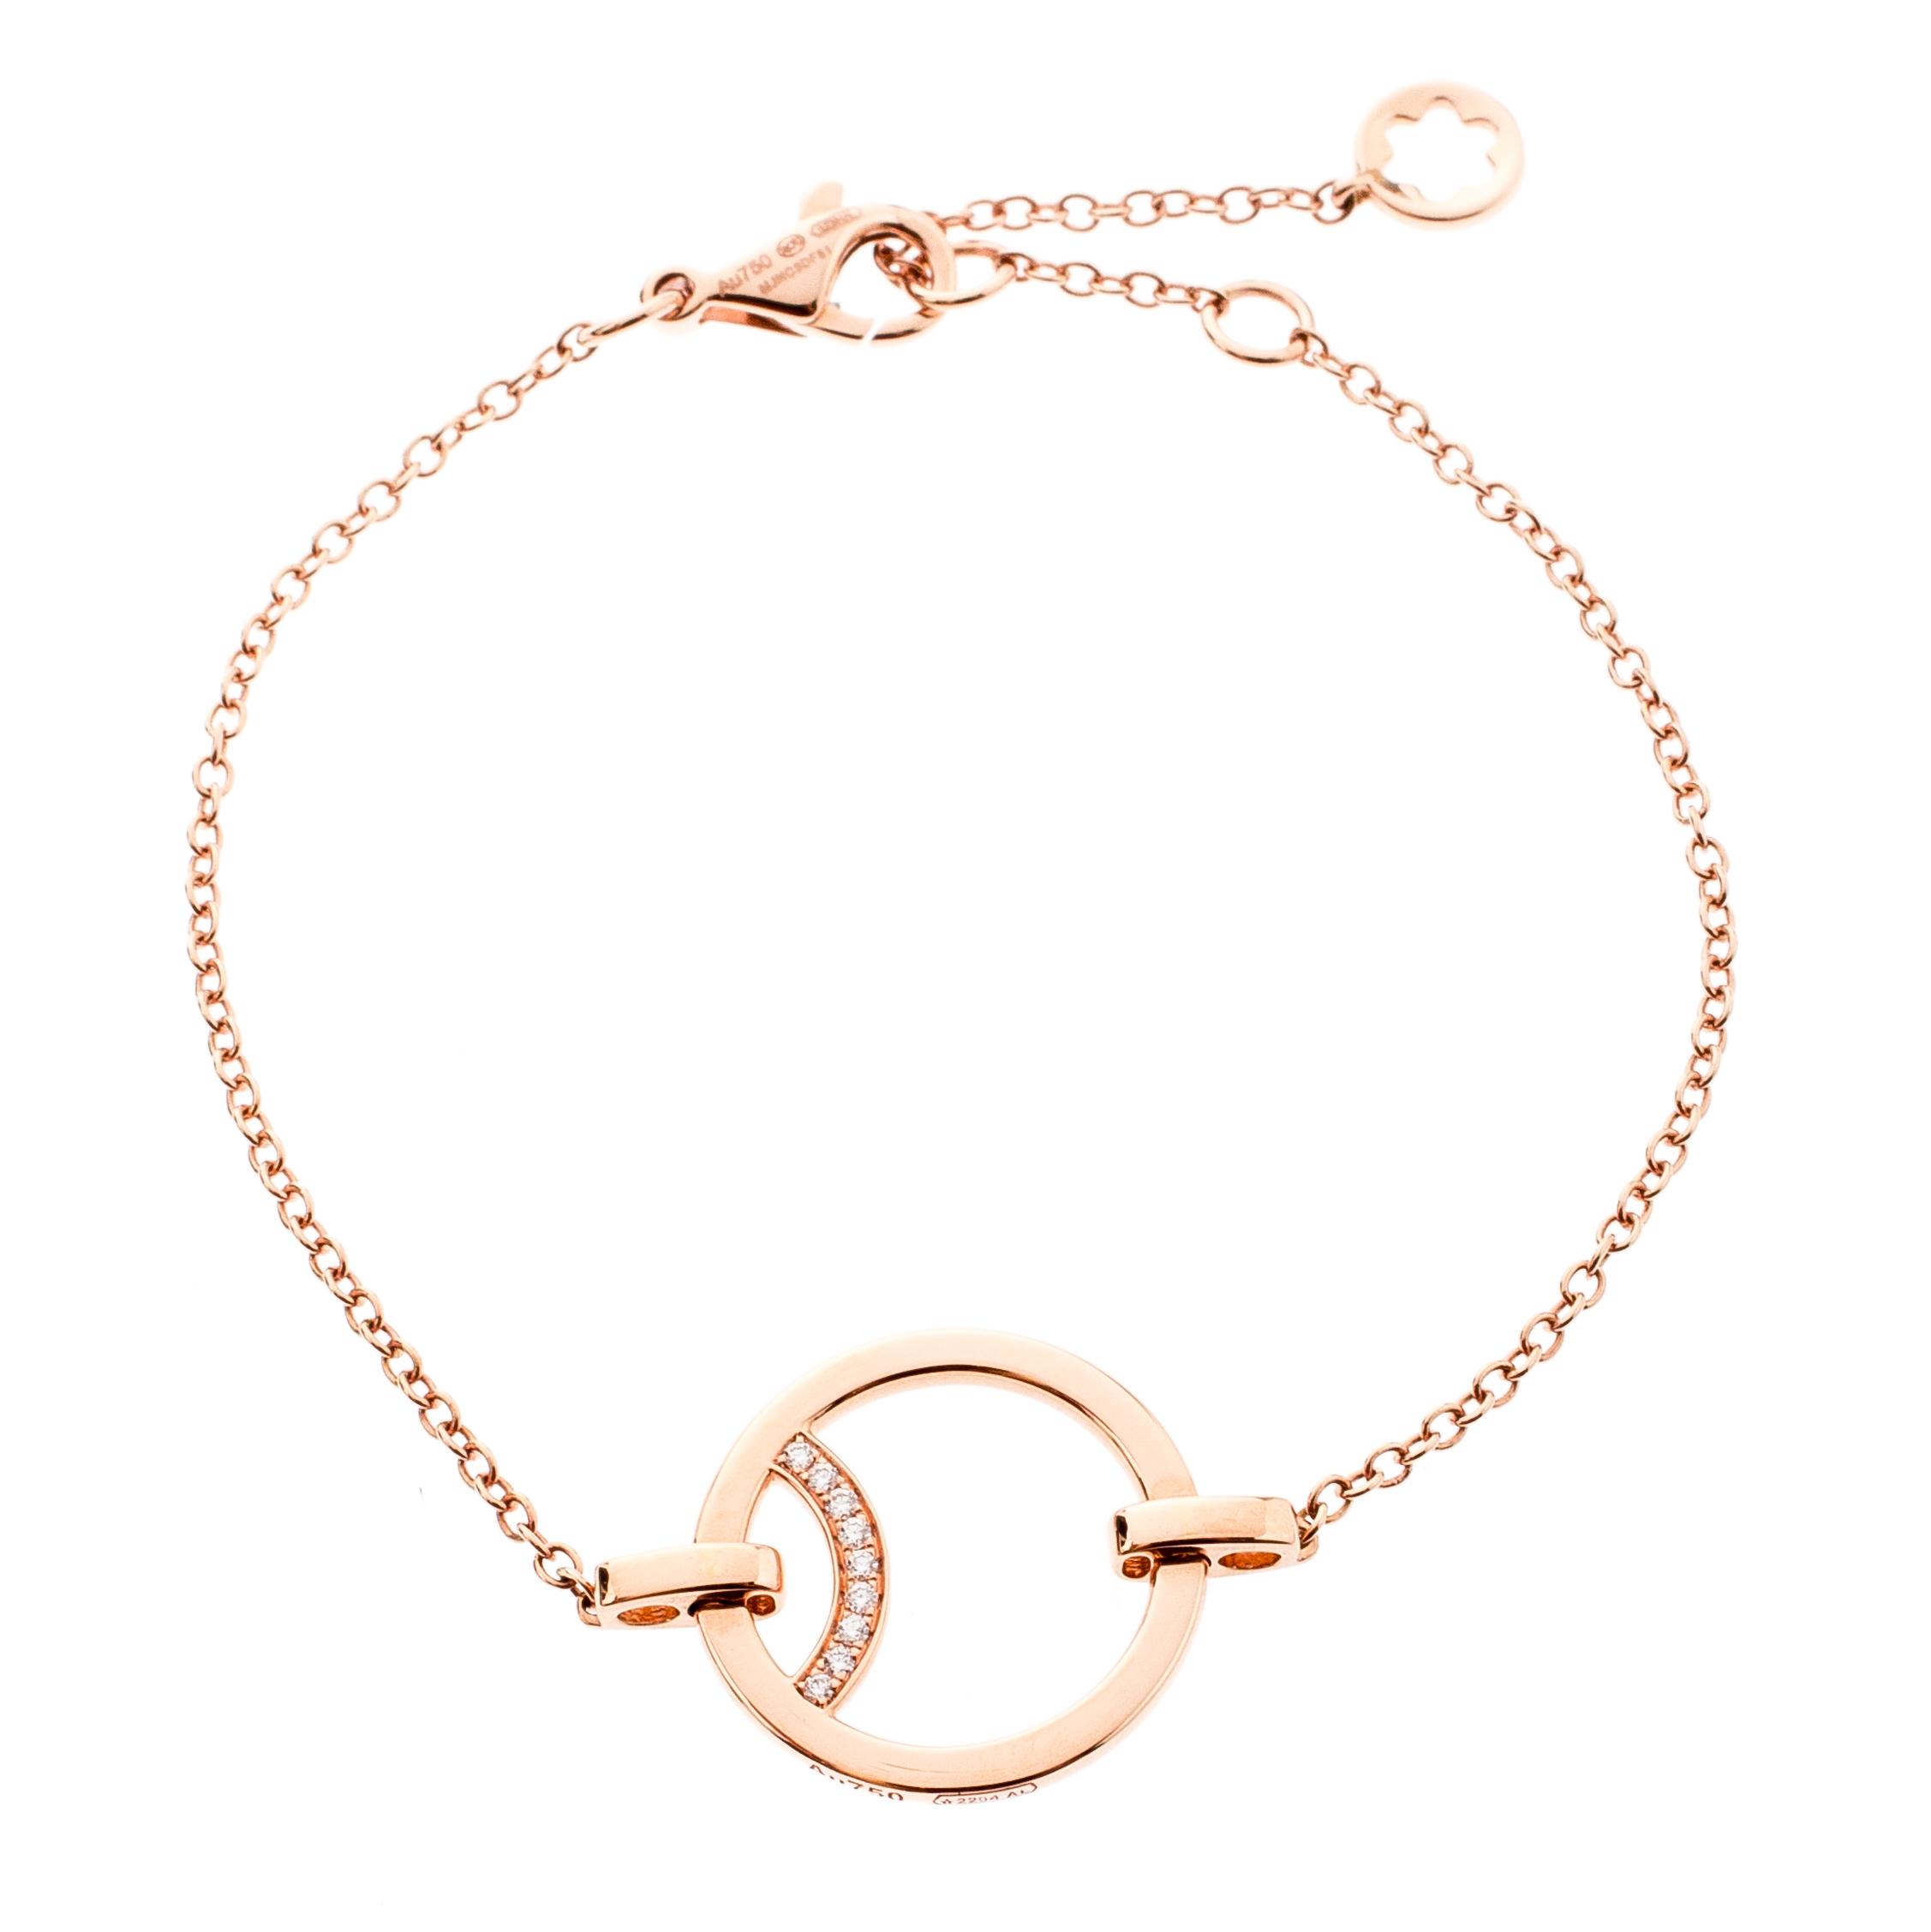 61e1494b8c022 Buy Montblanc Diamond 18k Rose Gold Chain Bracelet 201760 at best ...